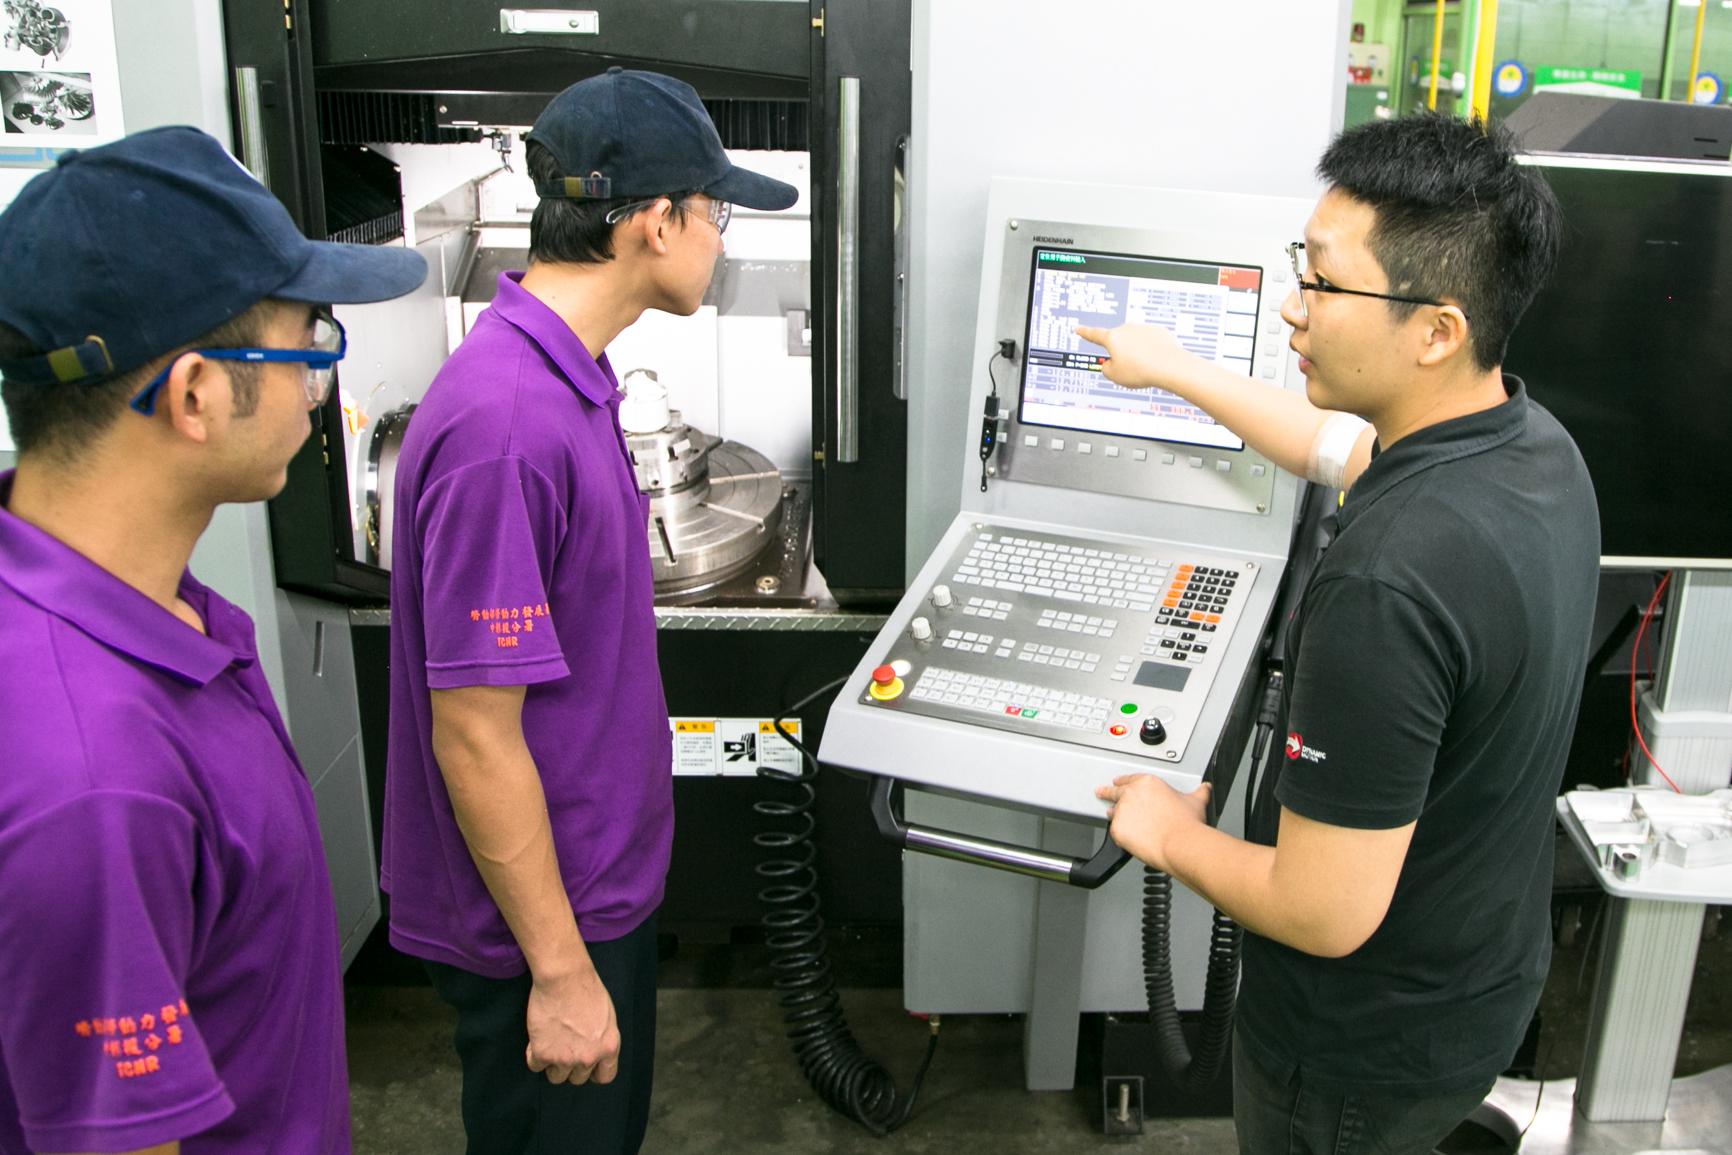 ▲中彰投分署訓練師於精密機械課程對學員解說五軸加工機操作方式